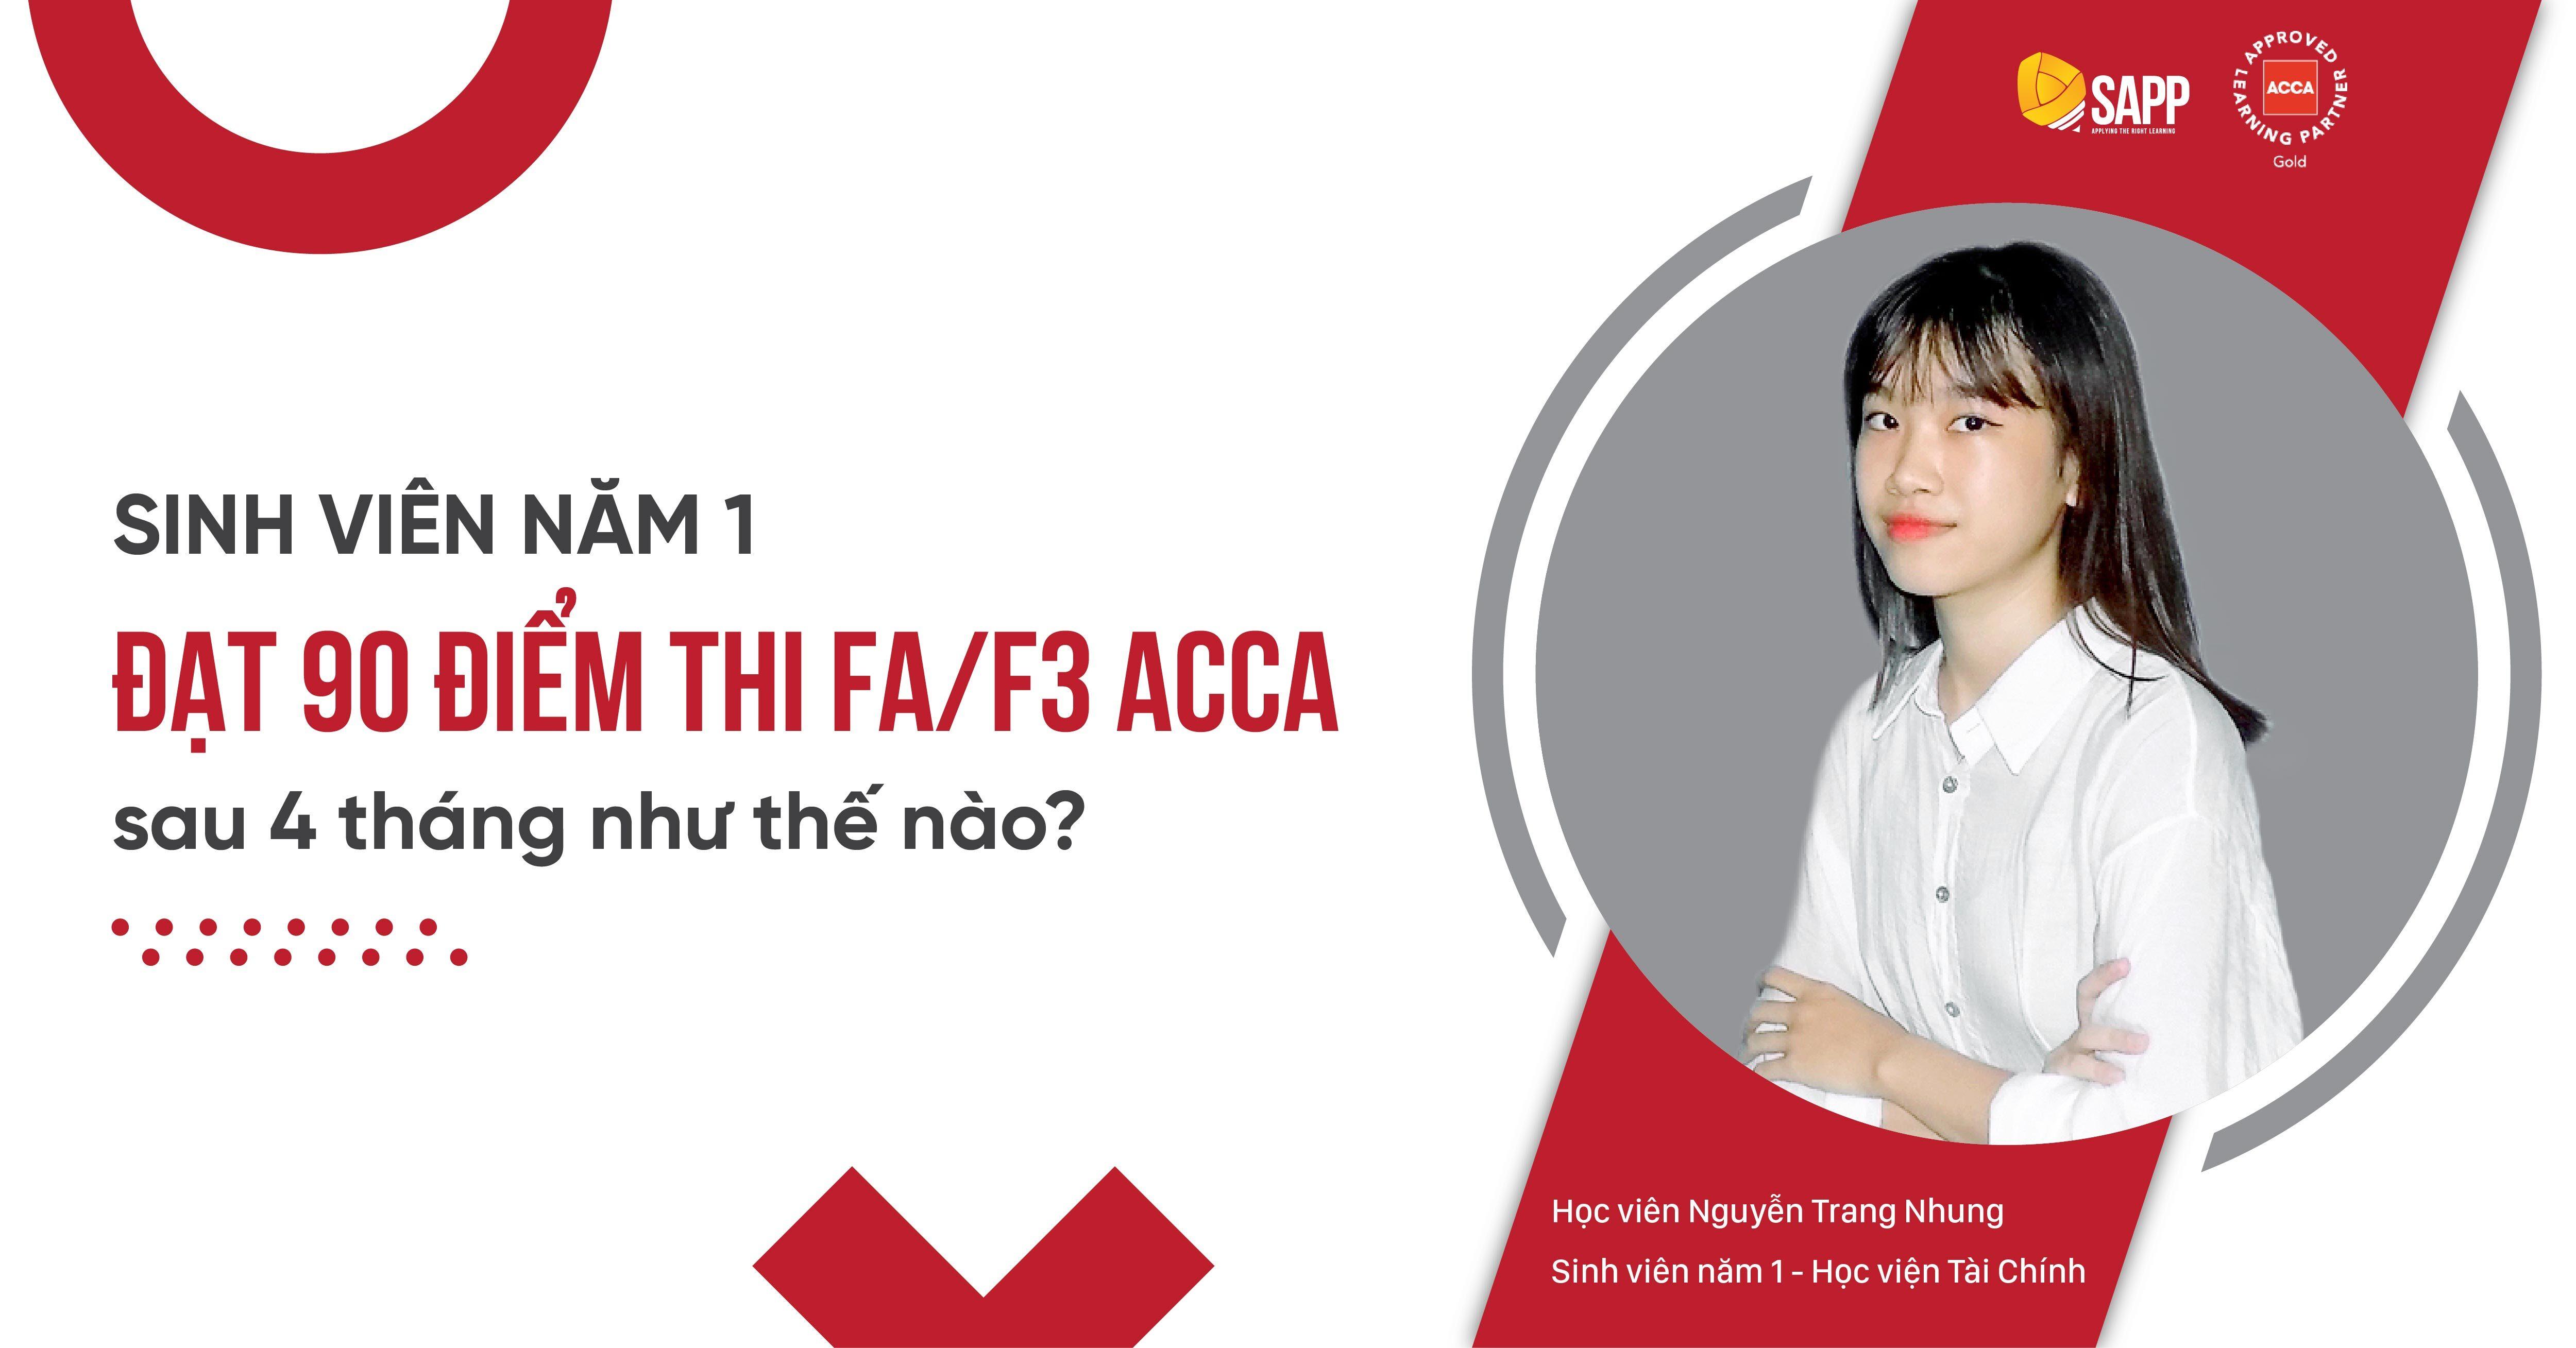 Sinh viên năm 1 đạt 90 điểm thi FA/F3 ACCA sau 4 tháng như thế nào?